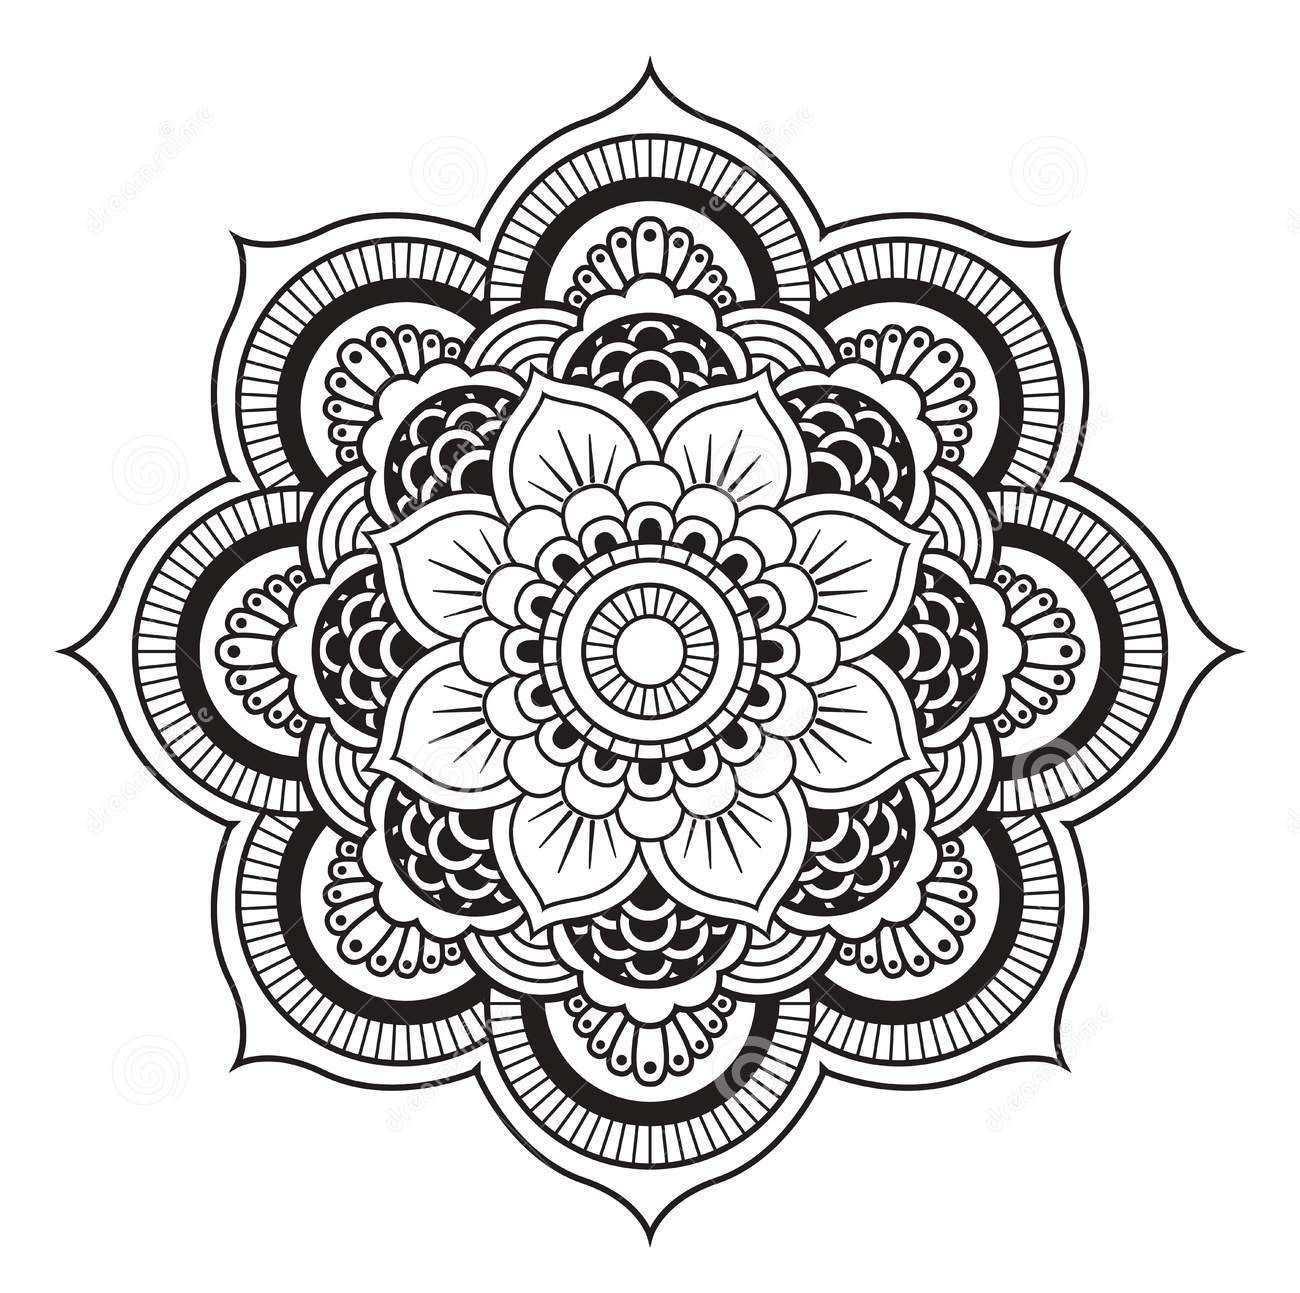 Resultado De Imagem Para Mandalas Mit Bildern Mandala Zum Ausdrucken Mandala Vorlagen Mandala Tattoo Vorlagen